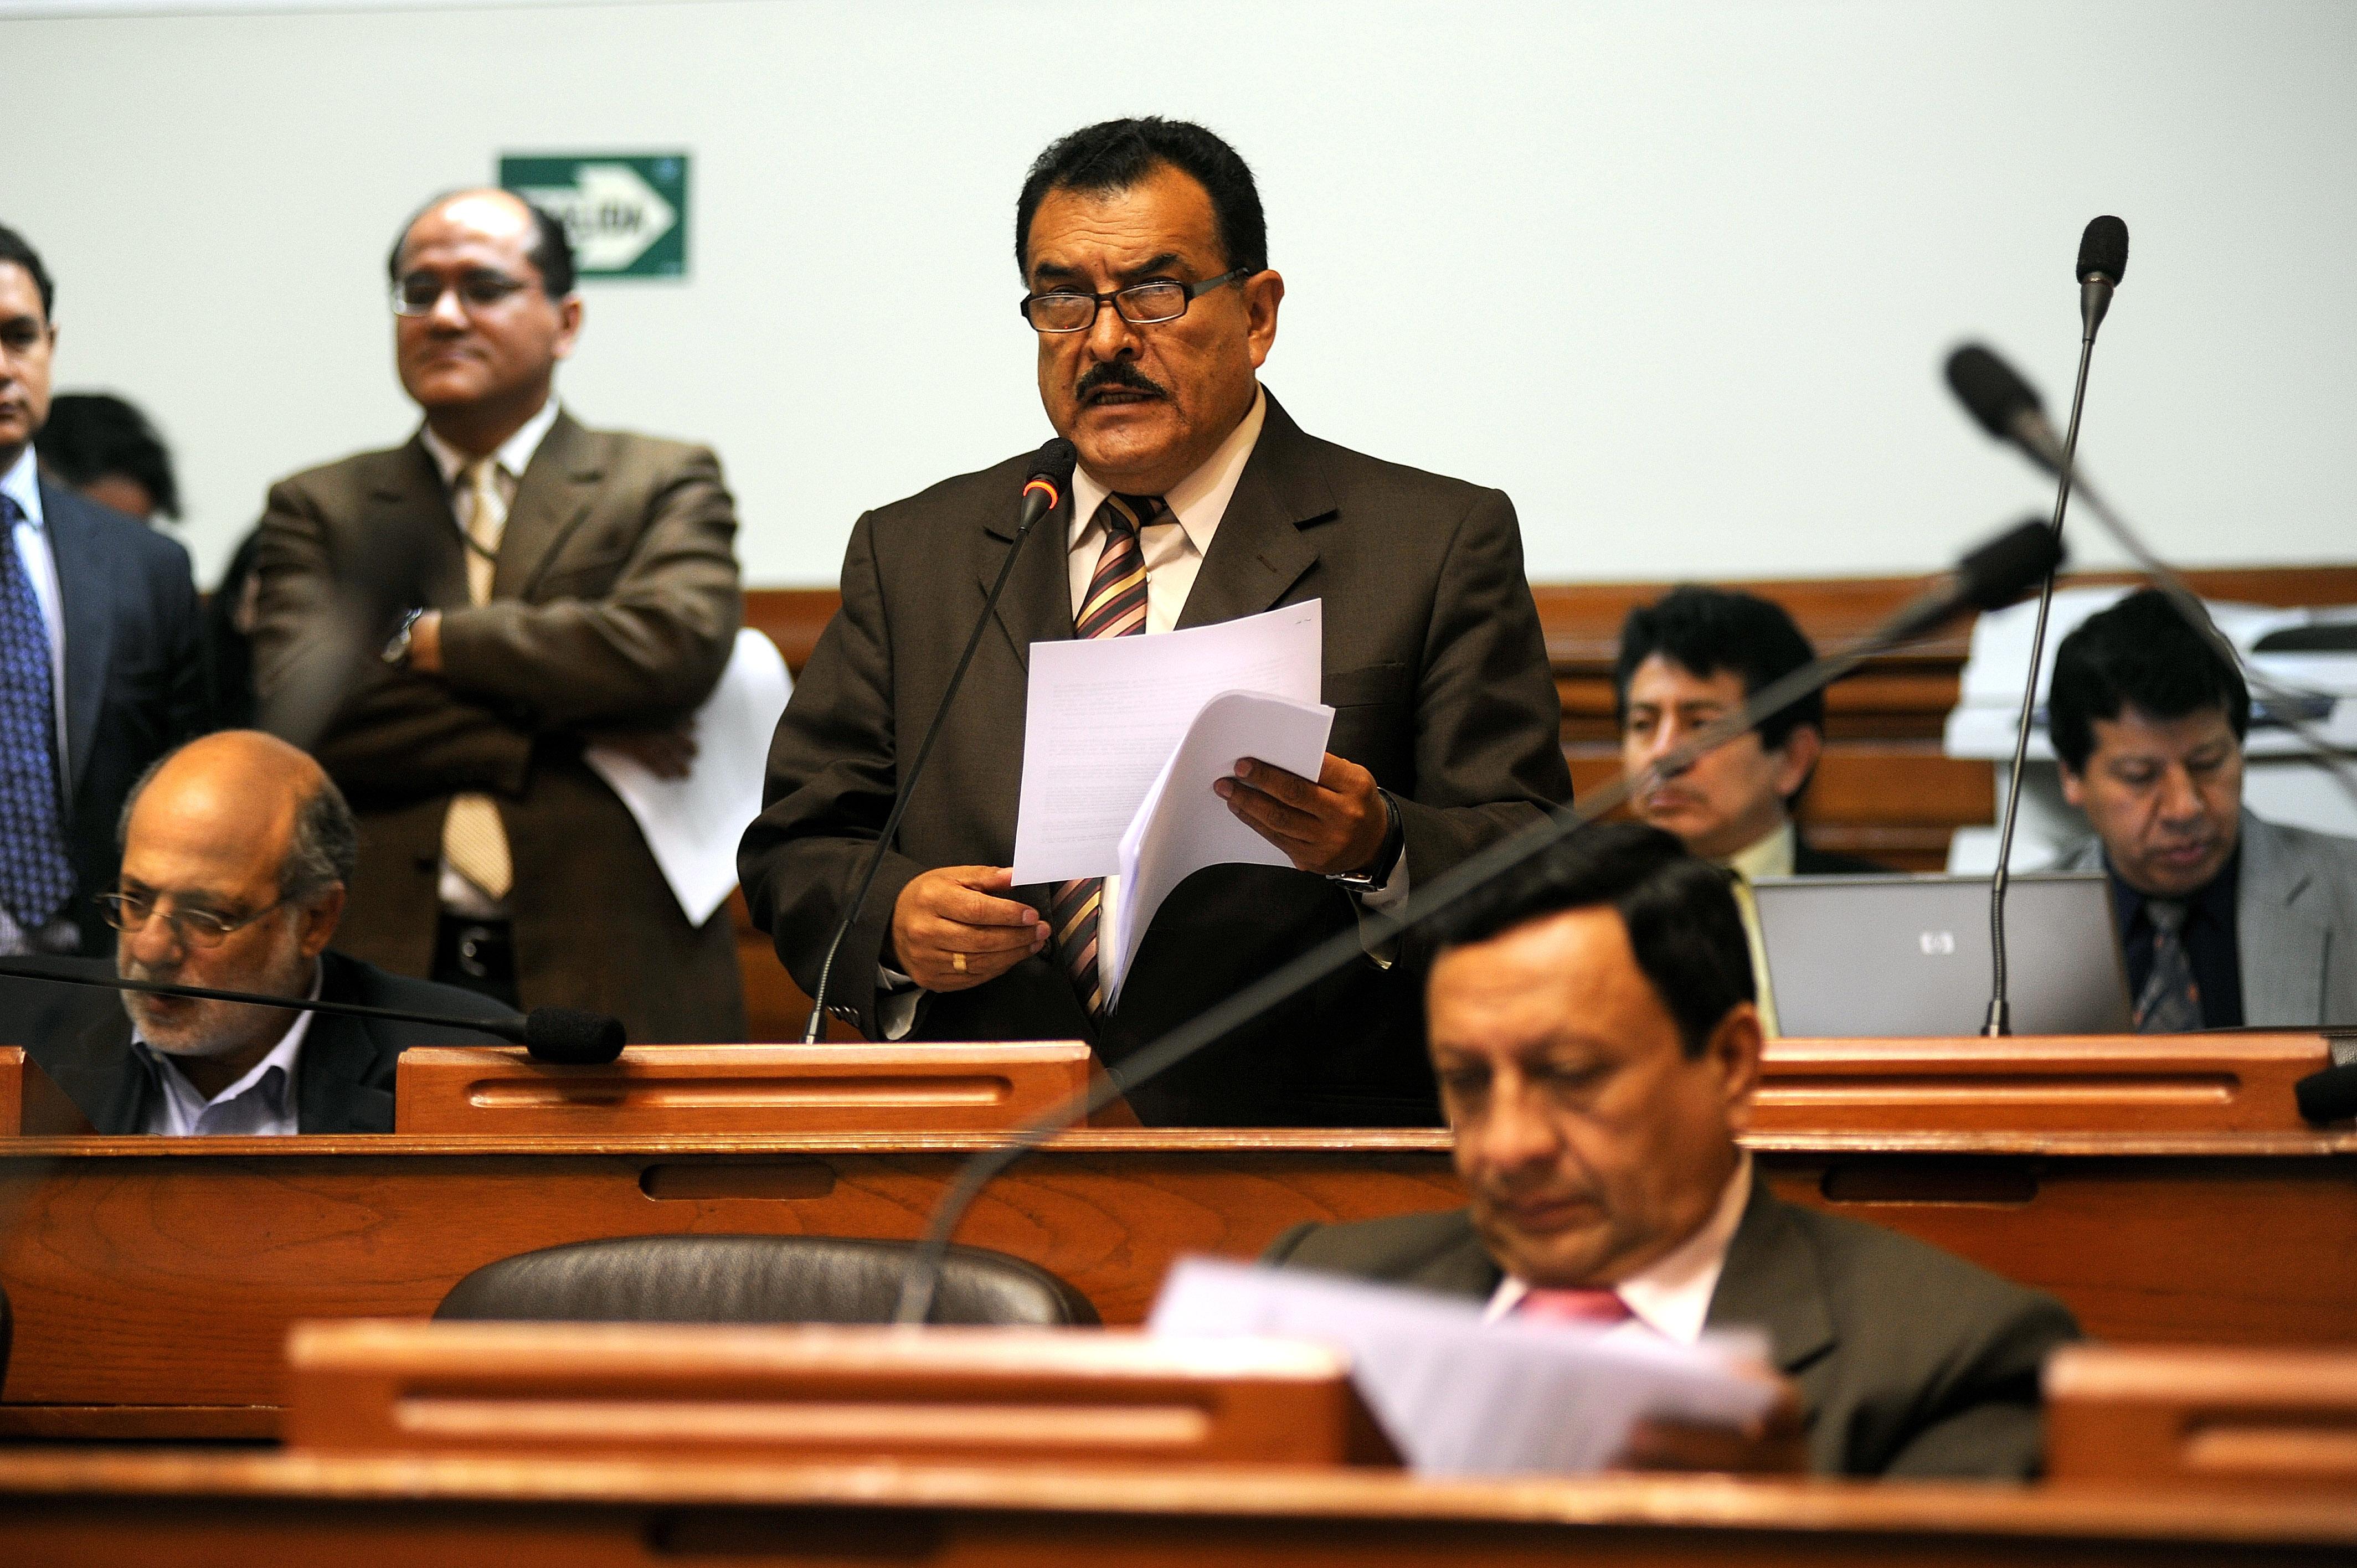 Congresista Reymundo expone el Dictamen de Insistencia sobre el voto electrónio. Atrás aparece el autor de esta nota. Fuente de la foto: Cogreso de la República